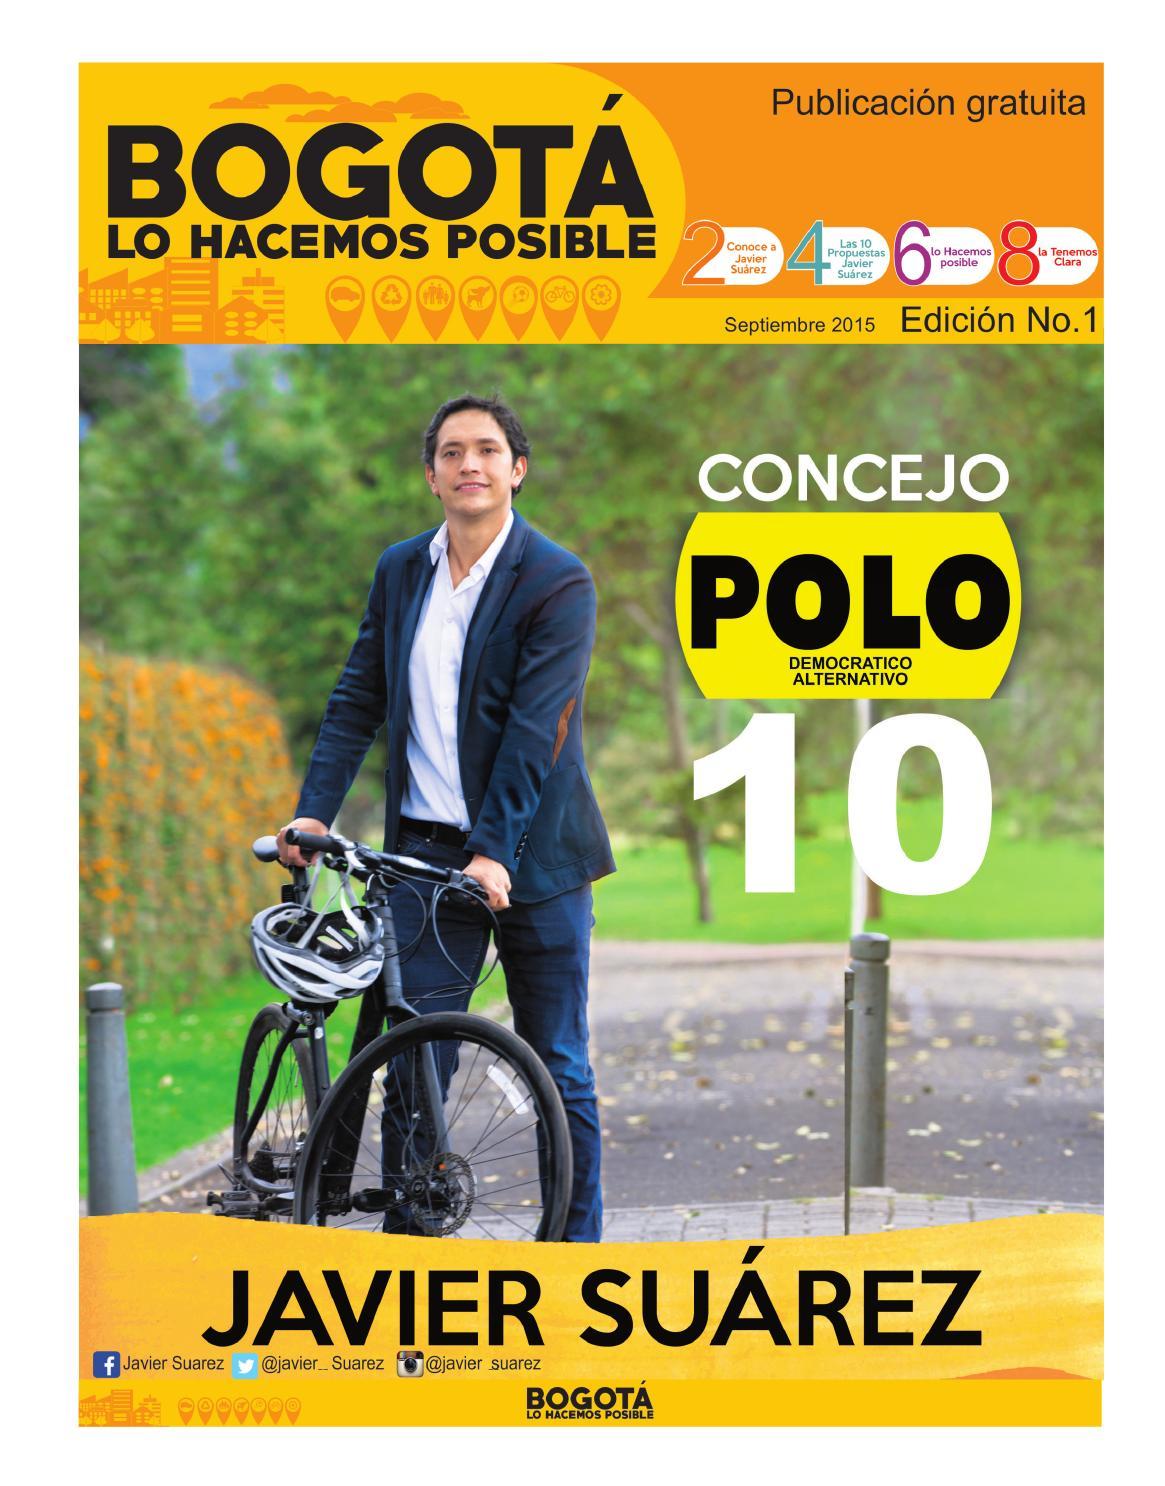 Page - Javier suarez ...